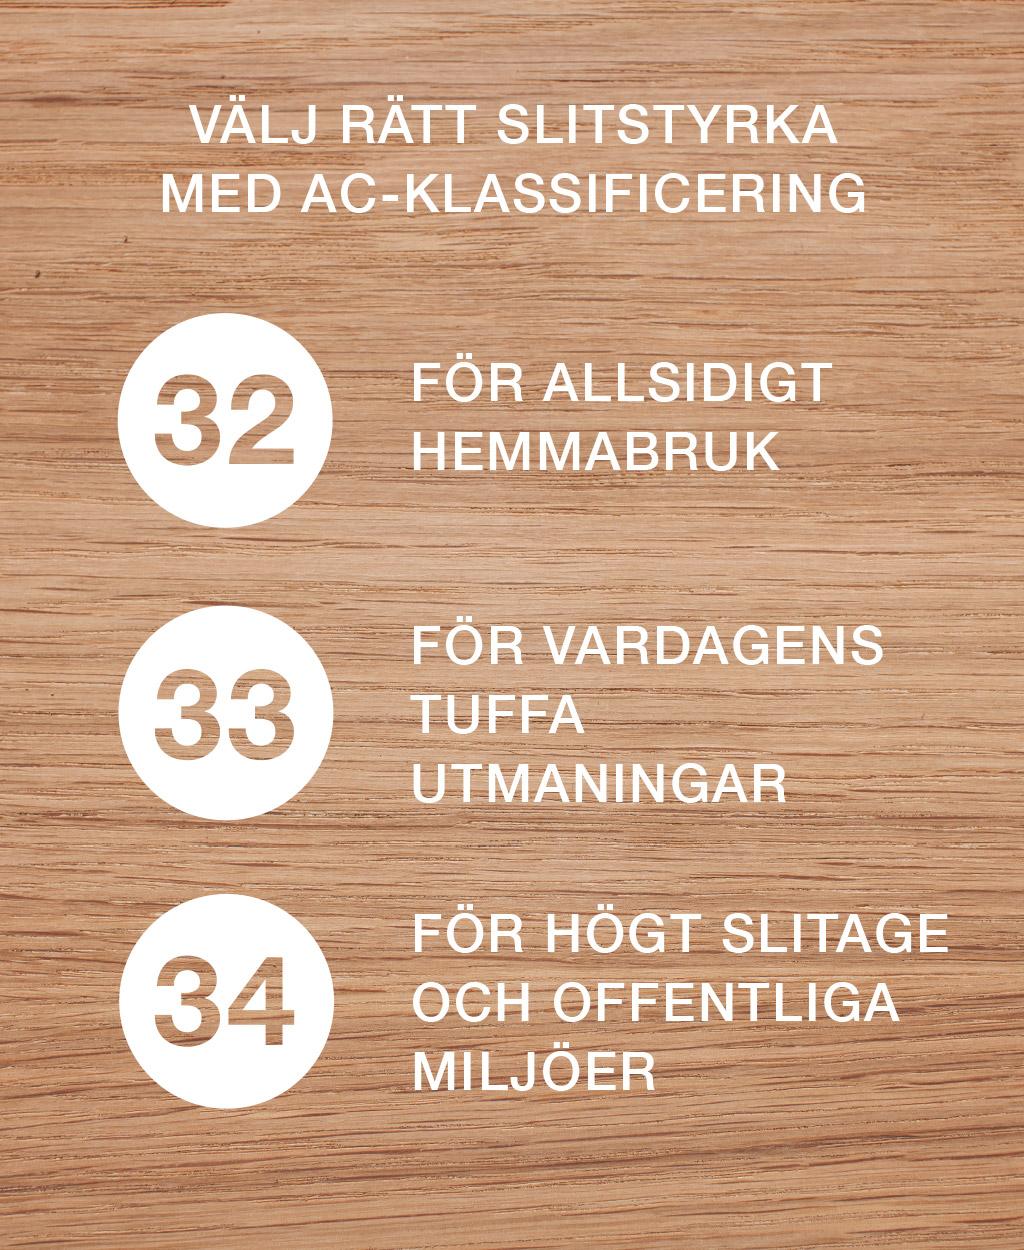 pergo-infographic-taligt-eklaminatgolv-ac-klassificering